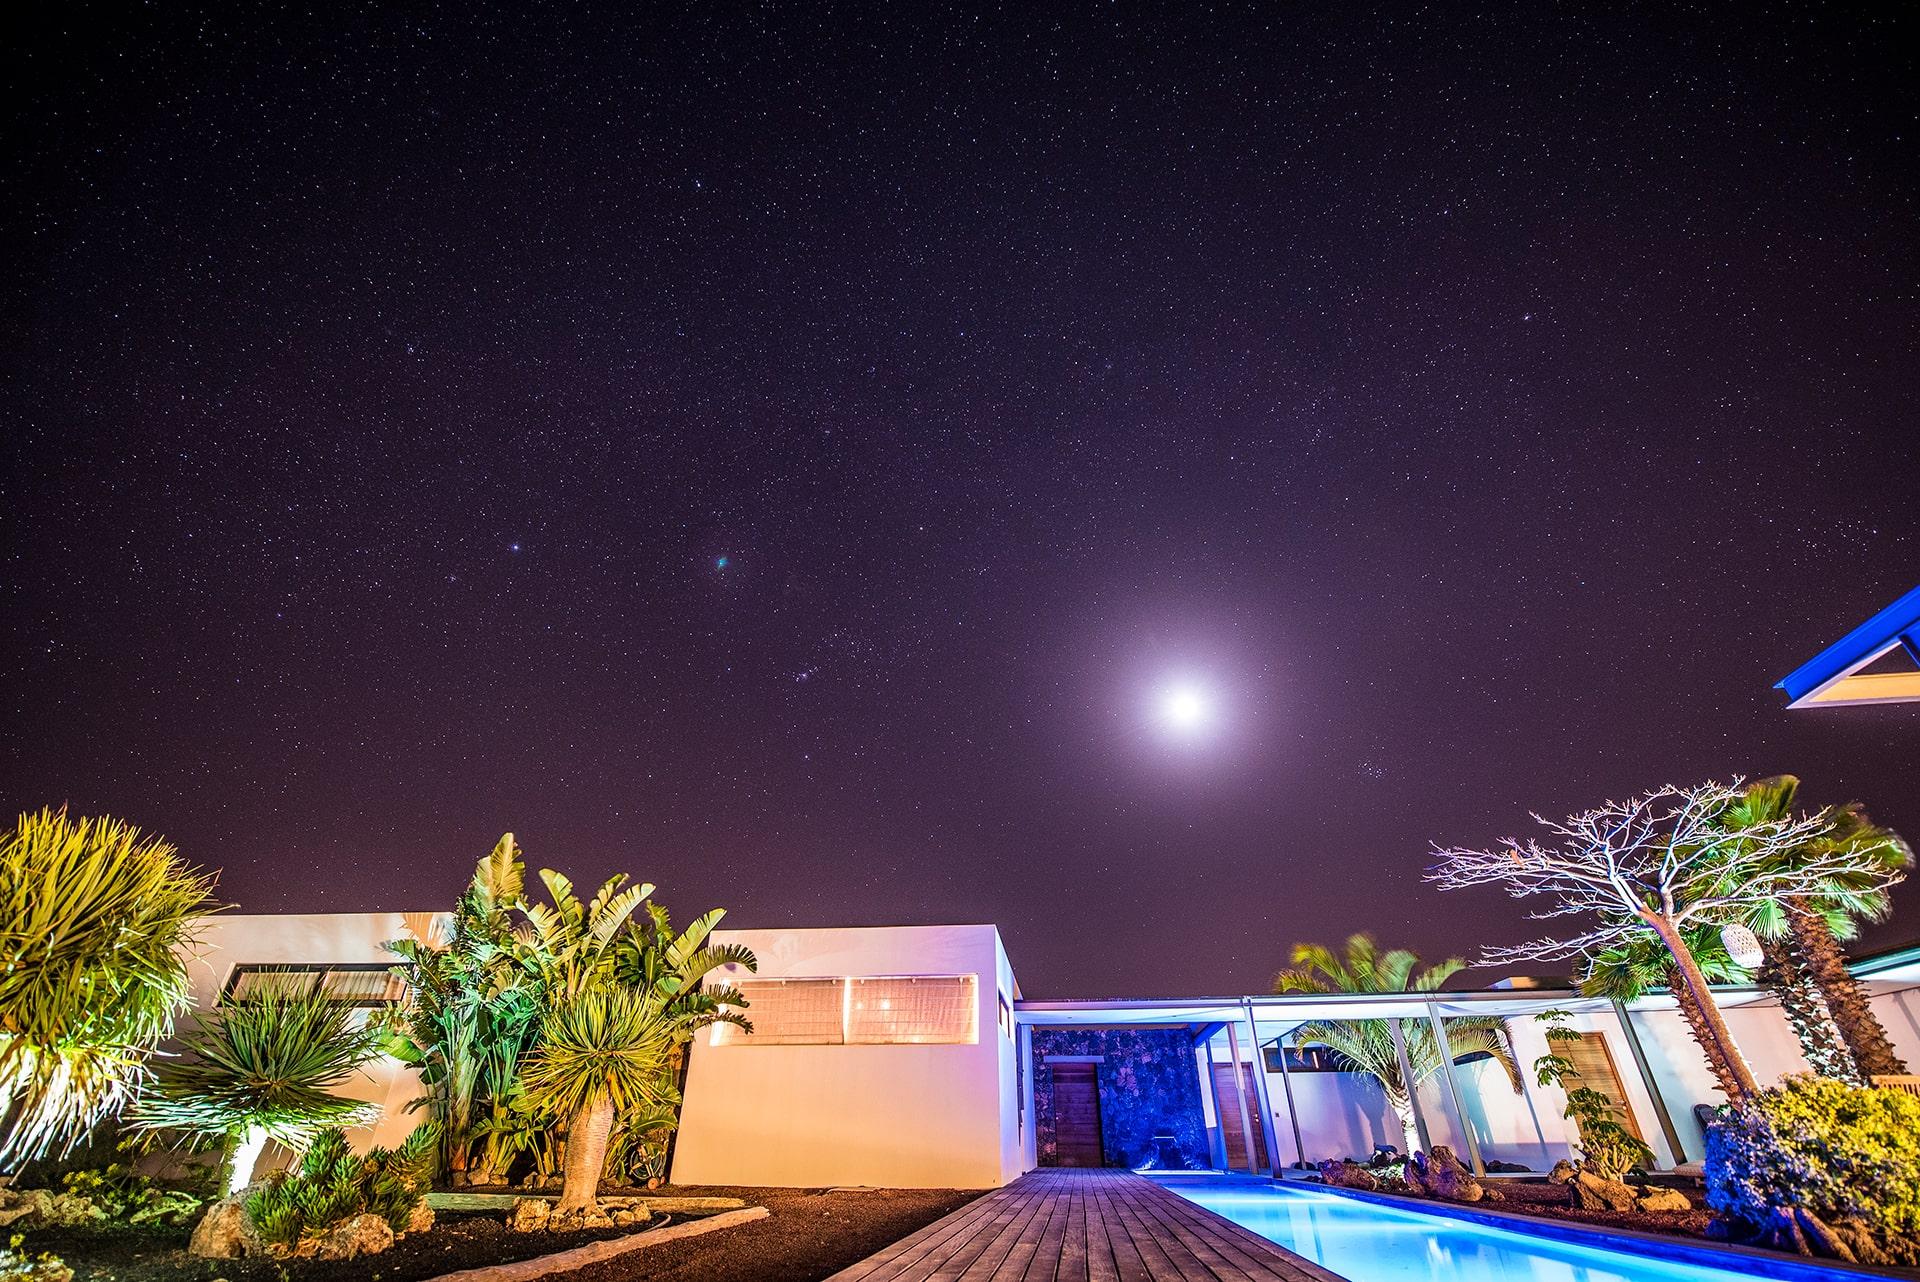 Blog Lifestyle - La villa sous un ciel étoilé - Suivre sa Joie - Saskia Parein